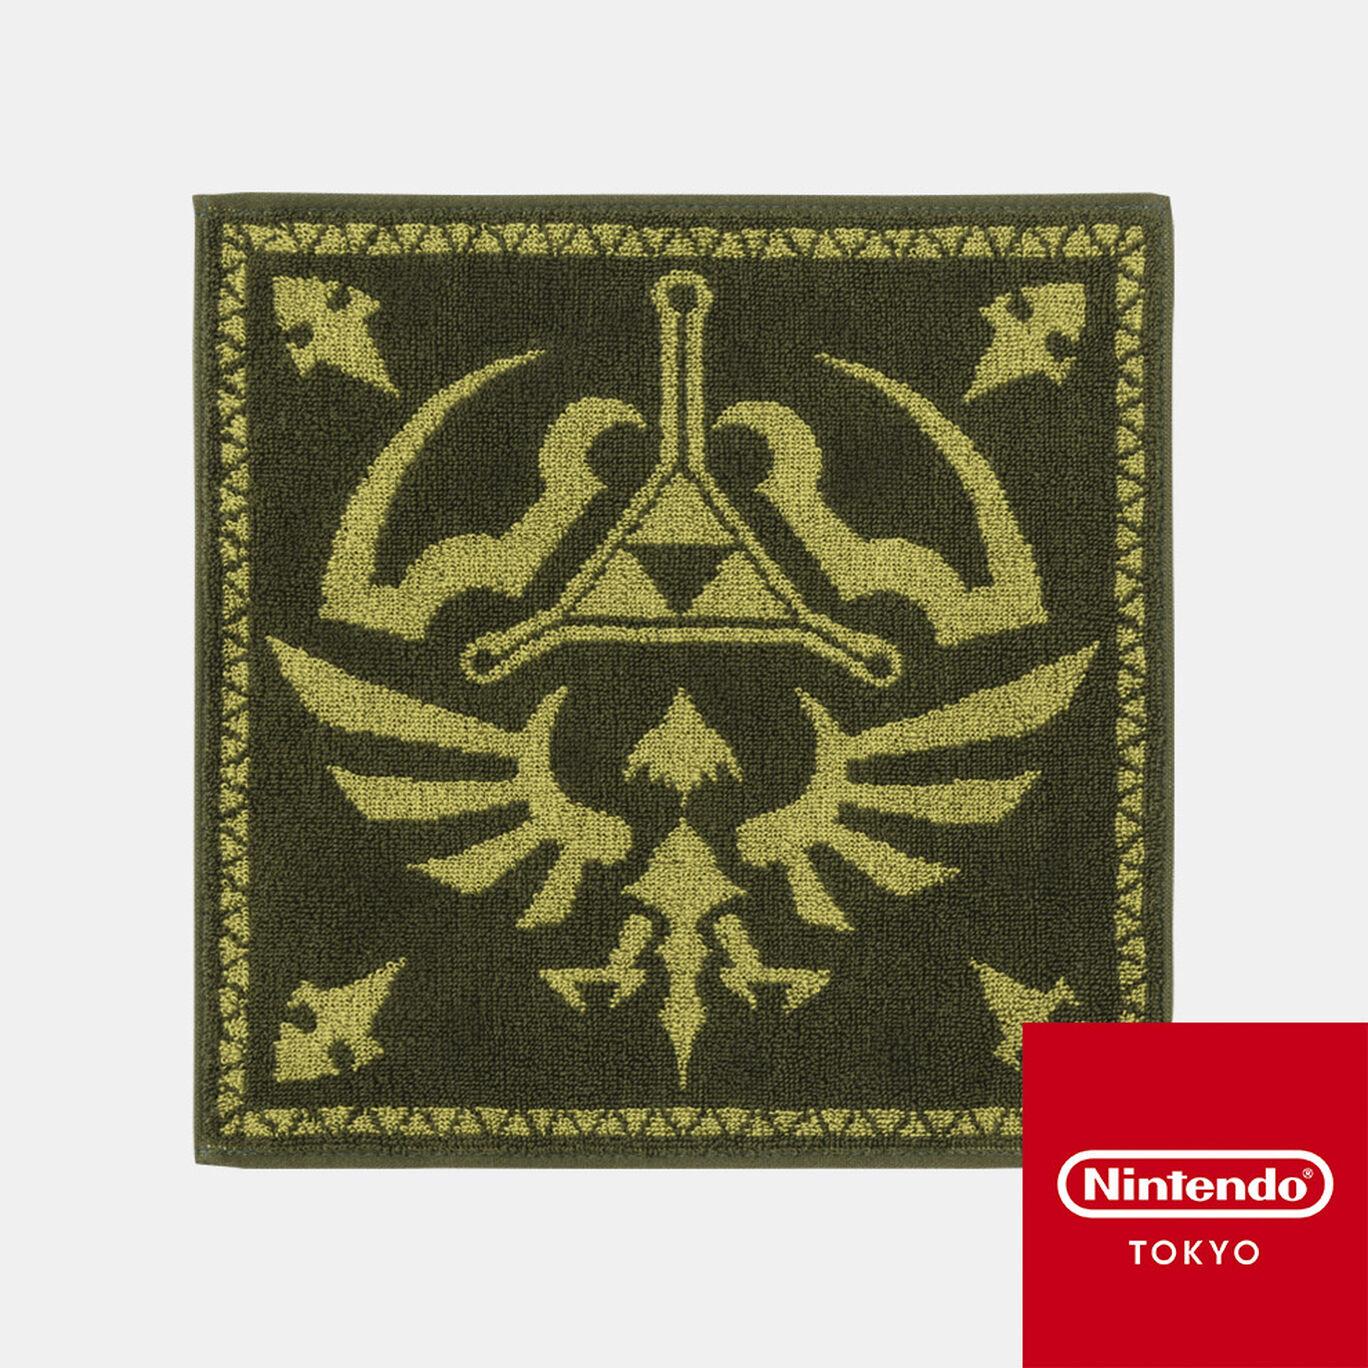 ハンドタオル ゼルダの伝説 B【Nintendo TOKYO取り扱い商品】